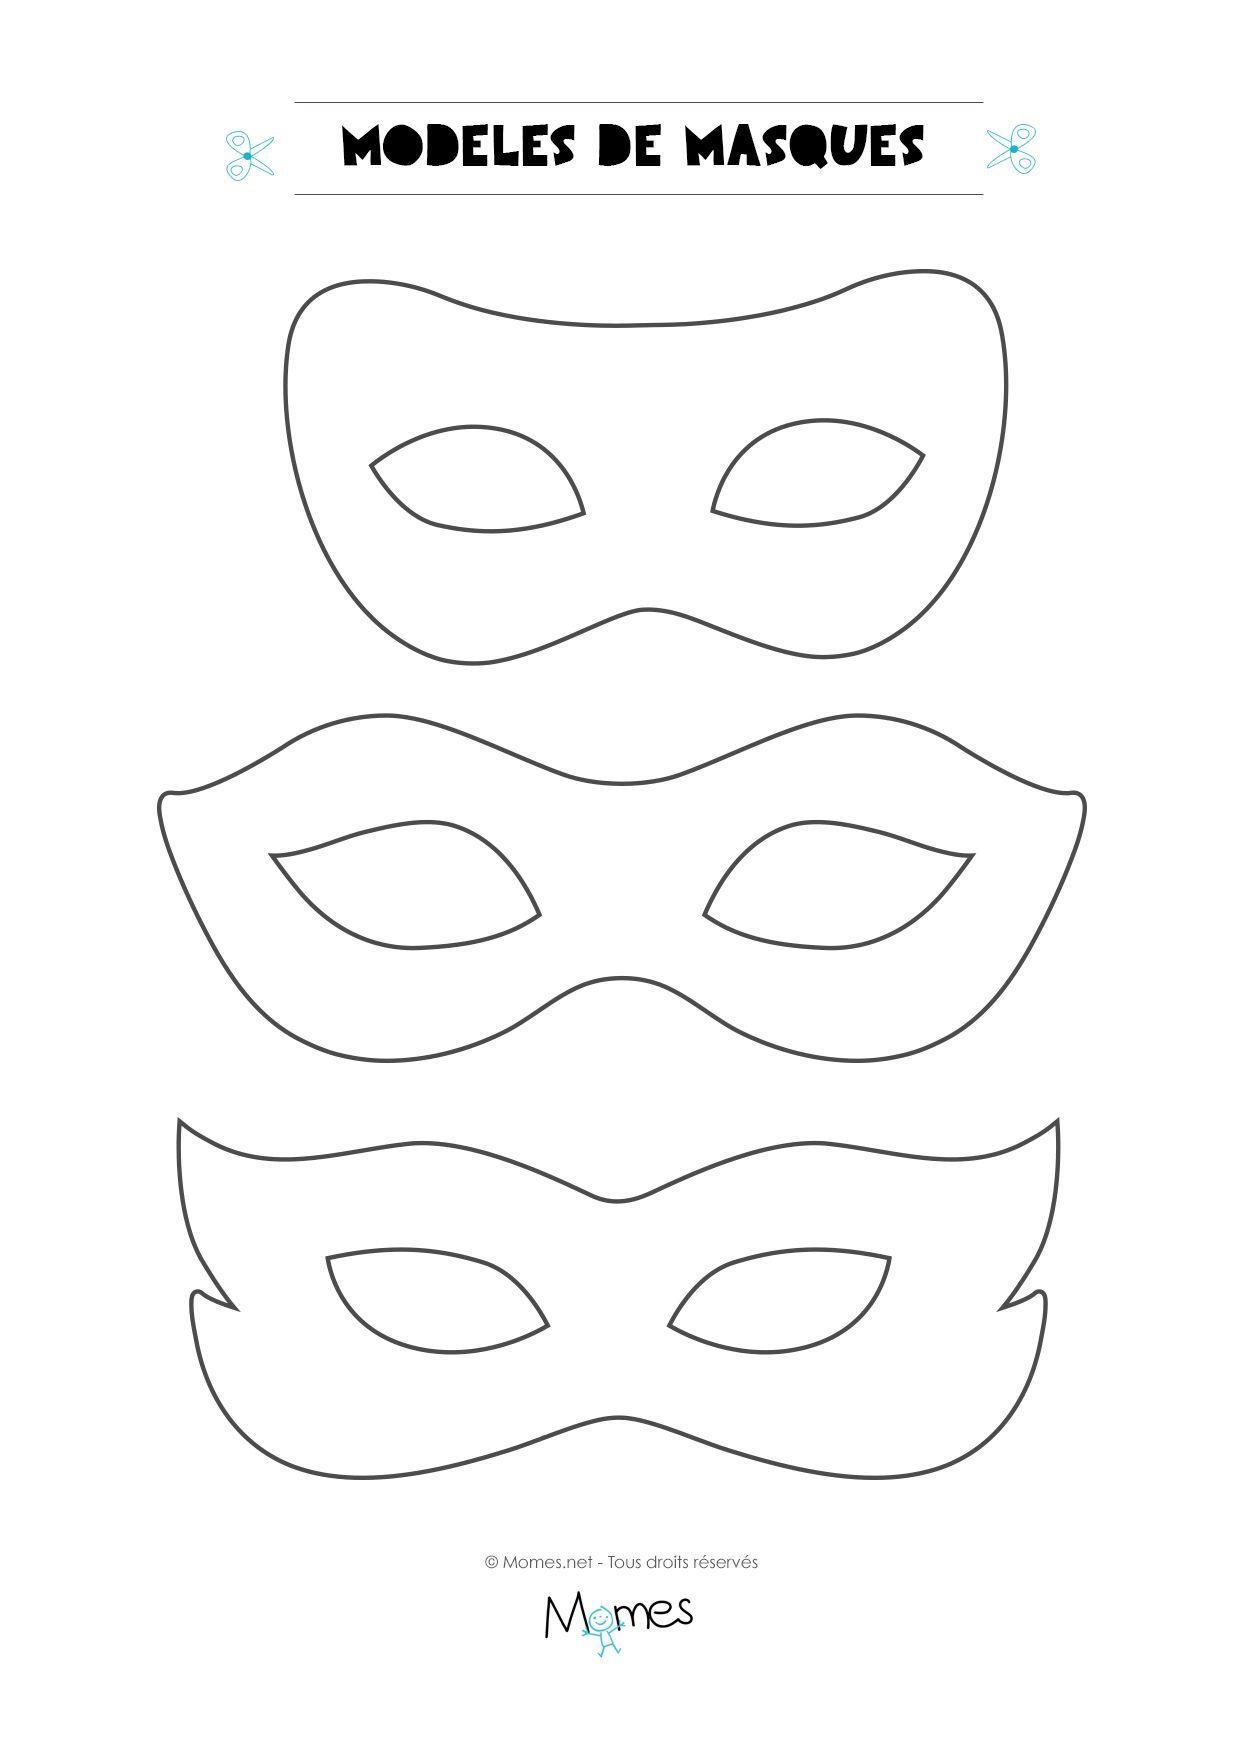 6 Modèles De Masques Pour Le Carnaval | Modèle De Masque encequiconcerne Masque Carnaval Maternelle À Imprimer